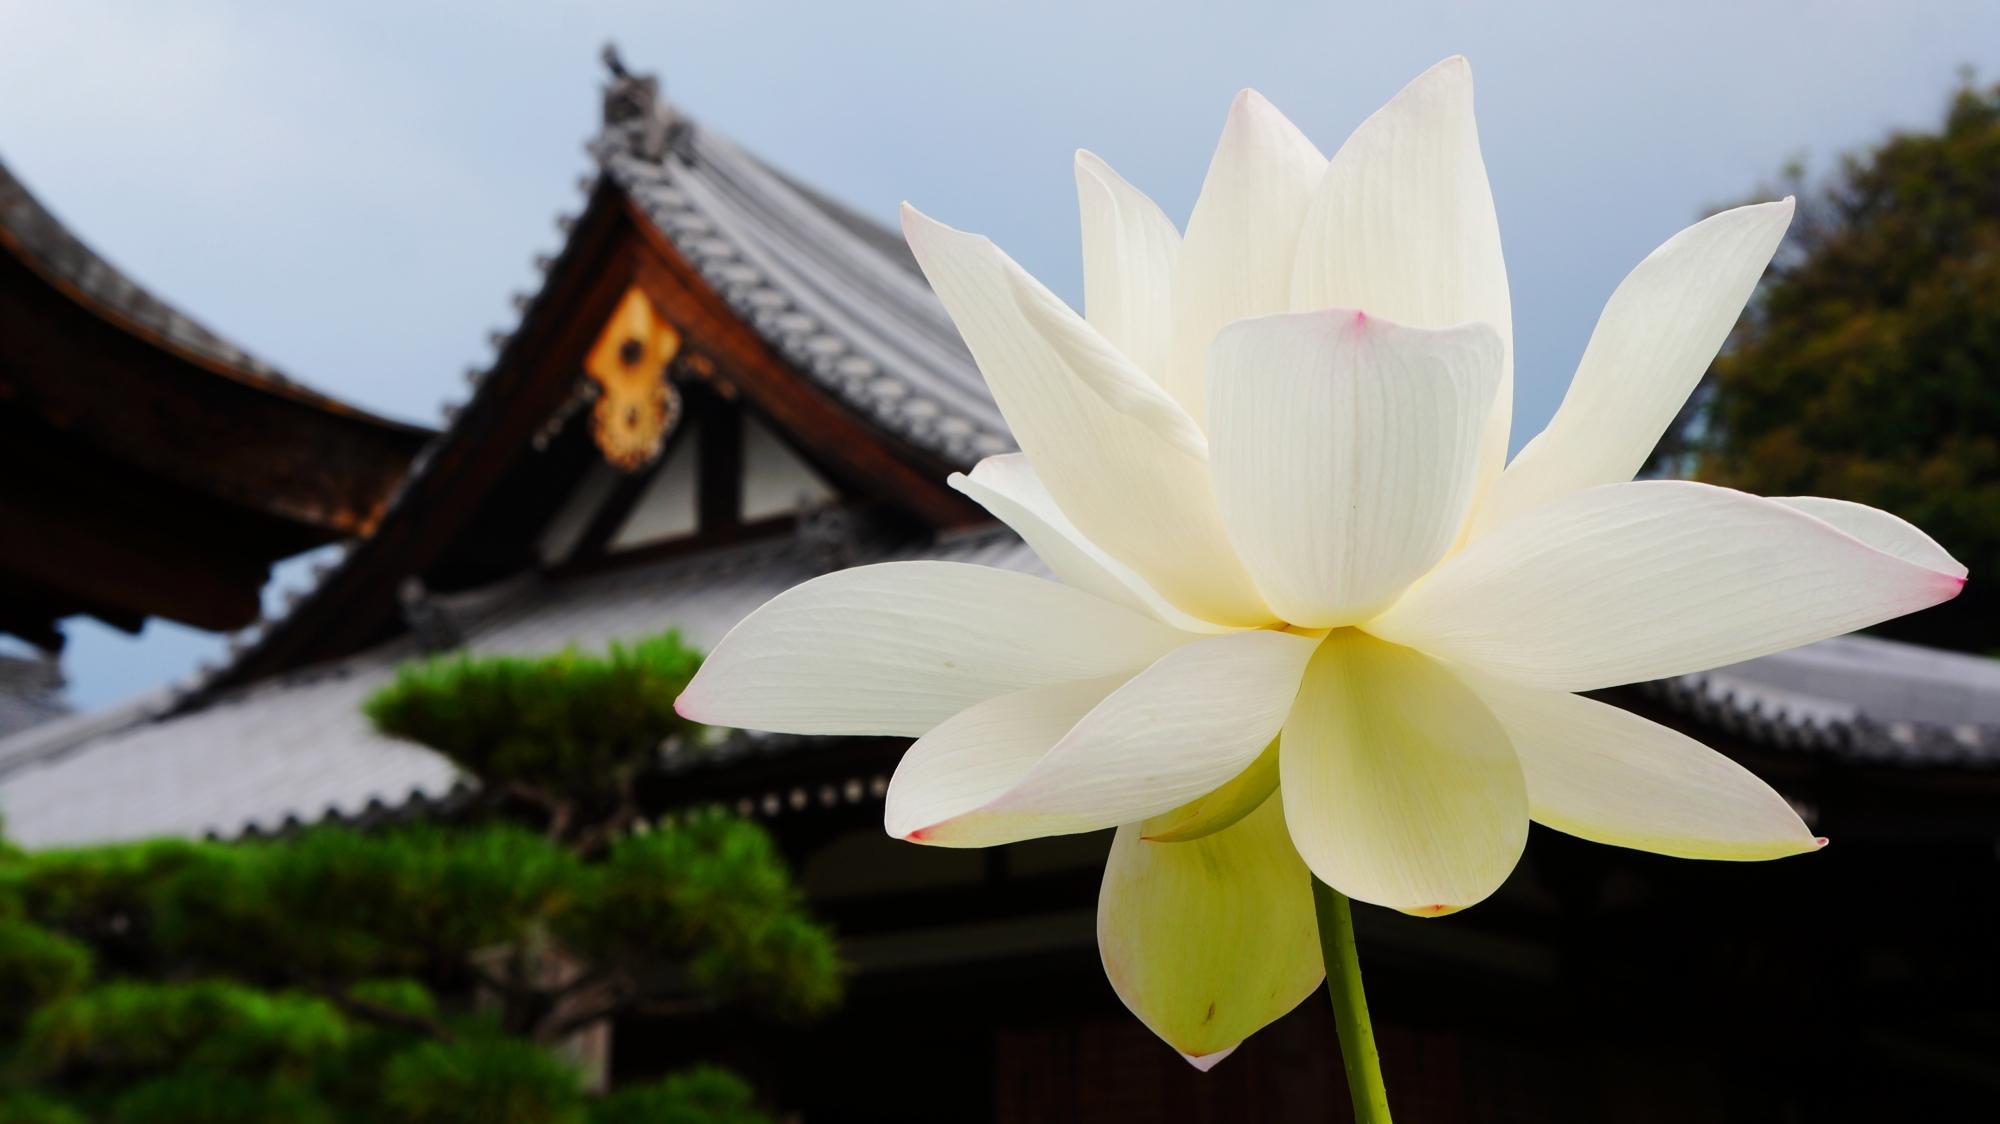 法金剛院の礼堂を背景にした花びらをいっぱいに広げる白い蓮の花